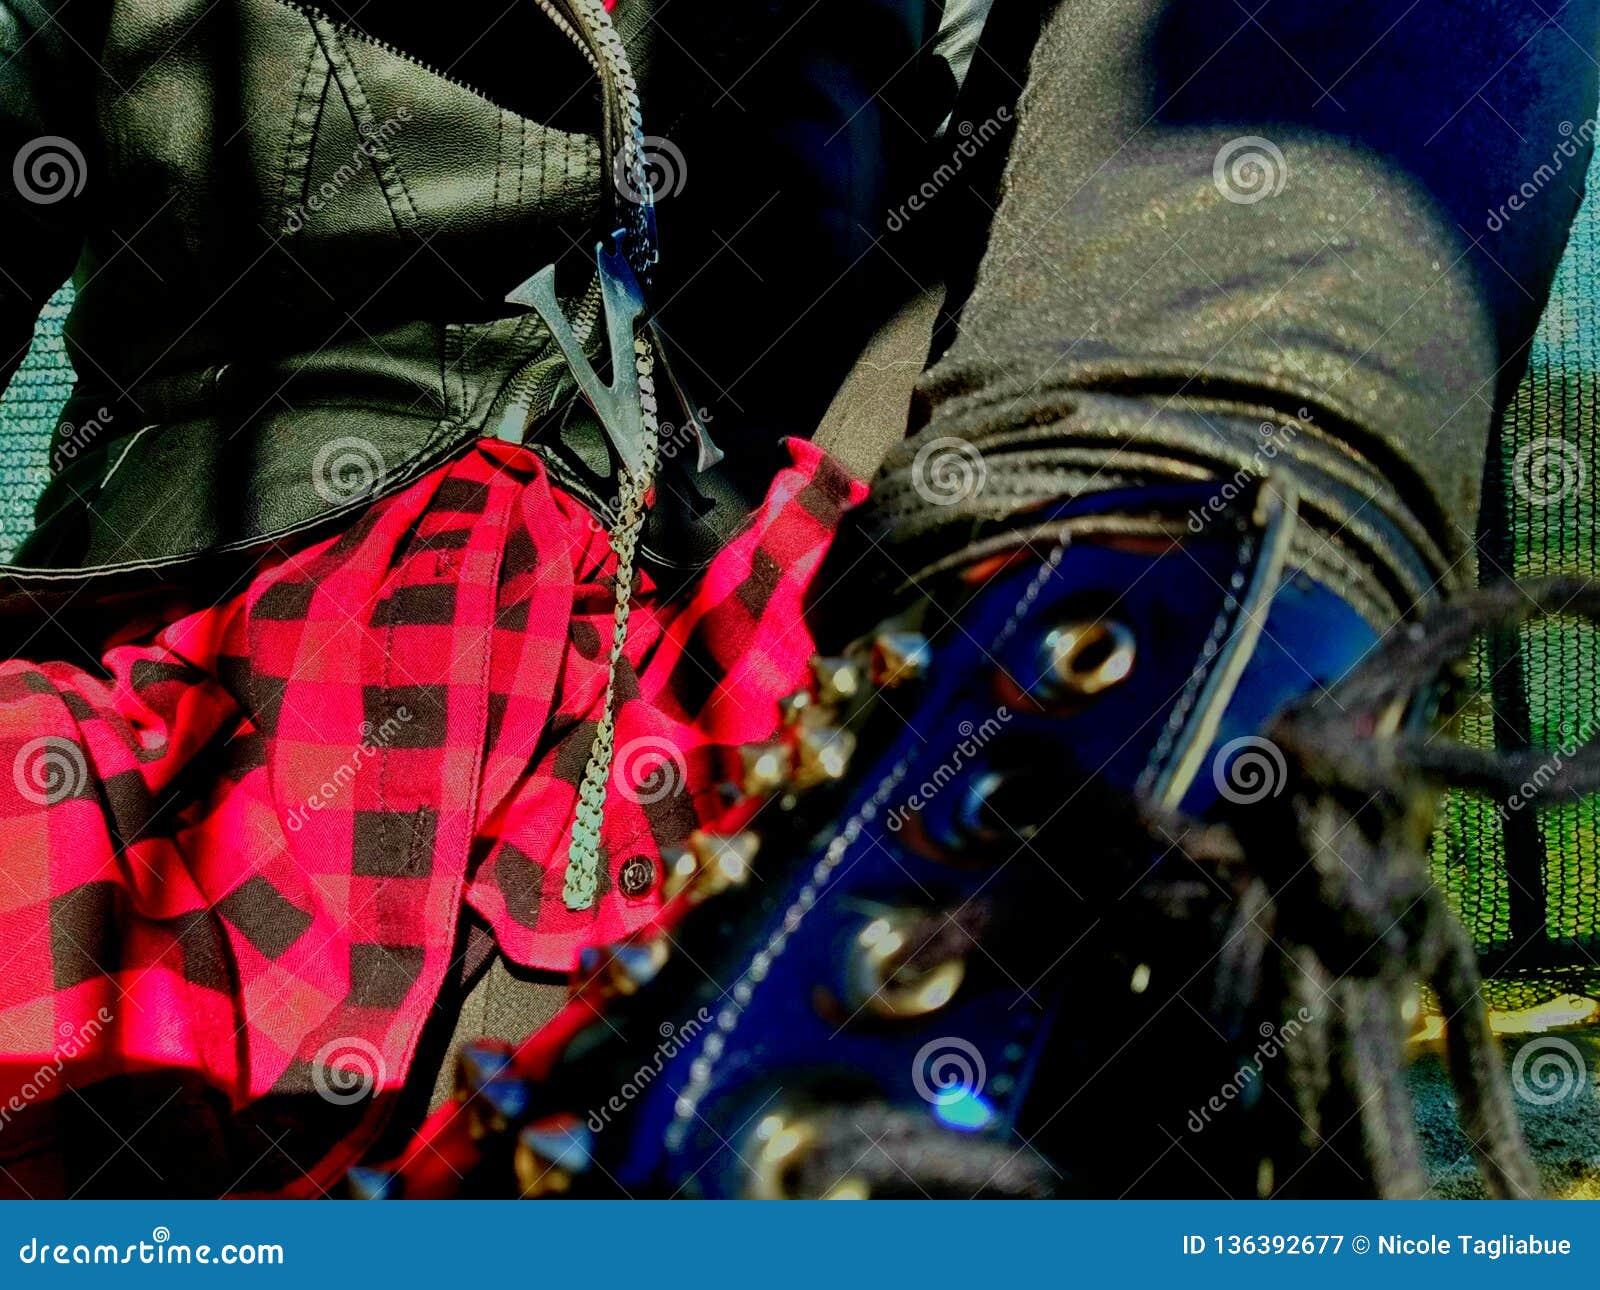 Nahaufnahme auf bezaubernden Artdetails des punk rock, Stoffe und Zusätze - Mädchenstiefel, rotes Hemd und schwarze Lederjacke